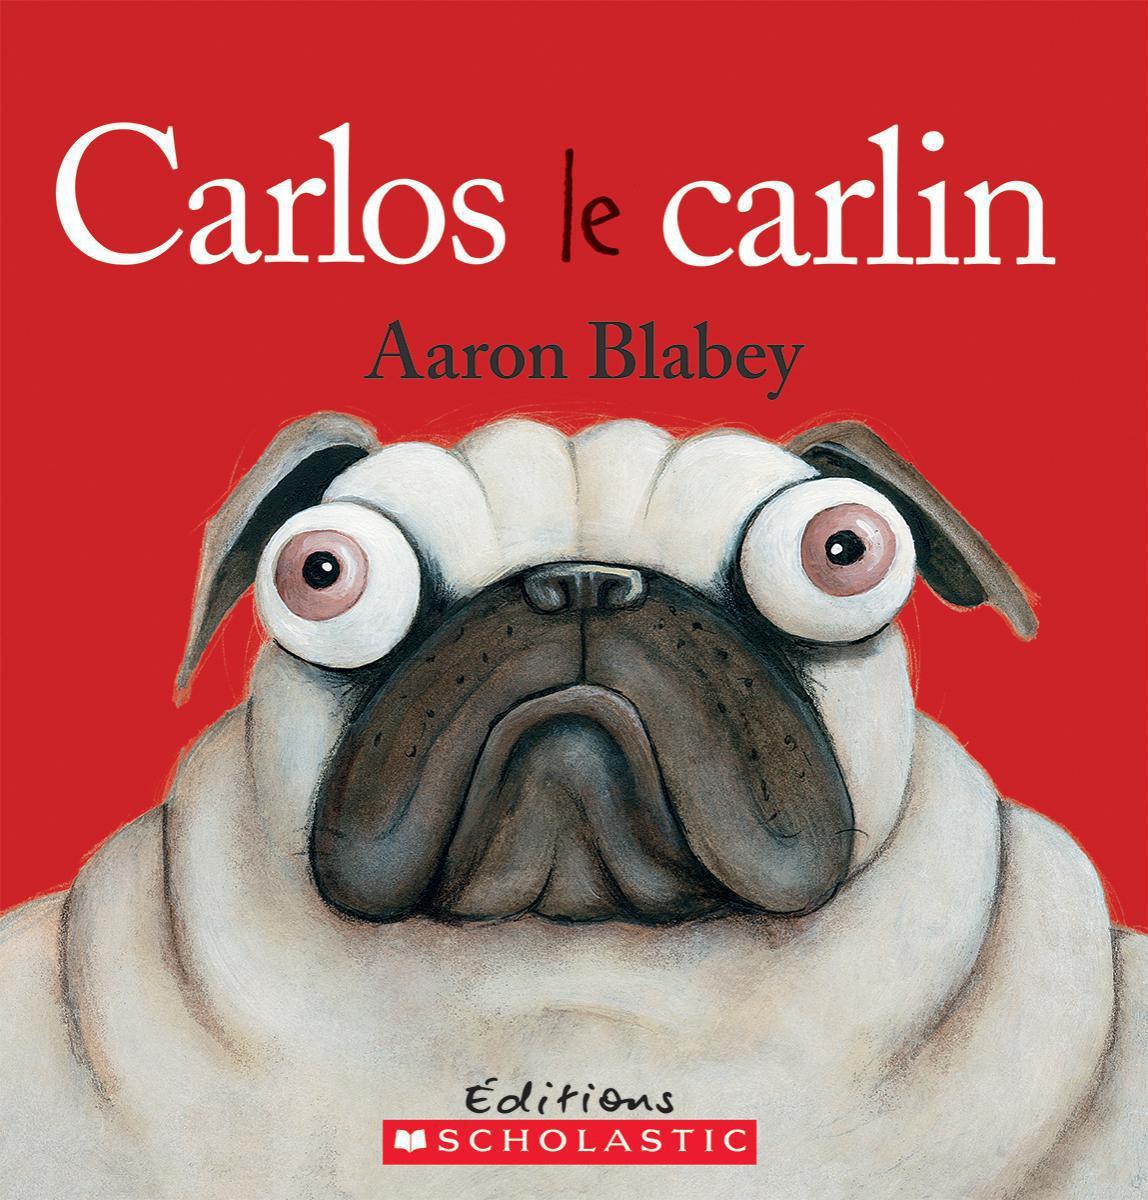 Carlos le carlin